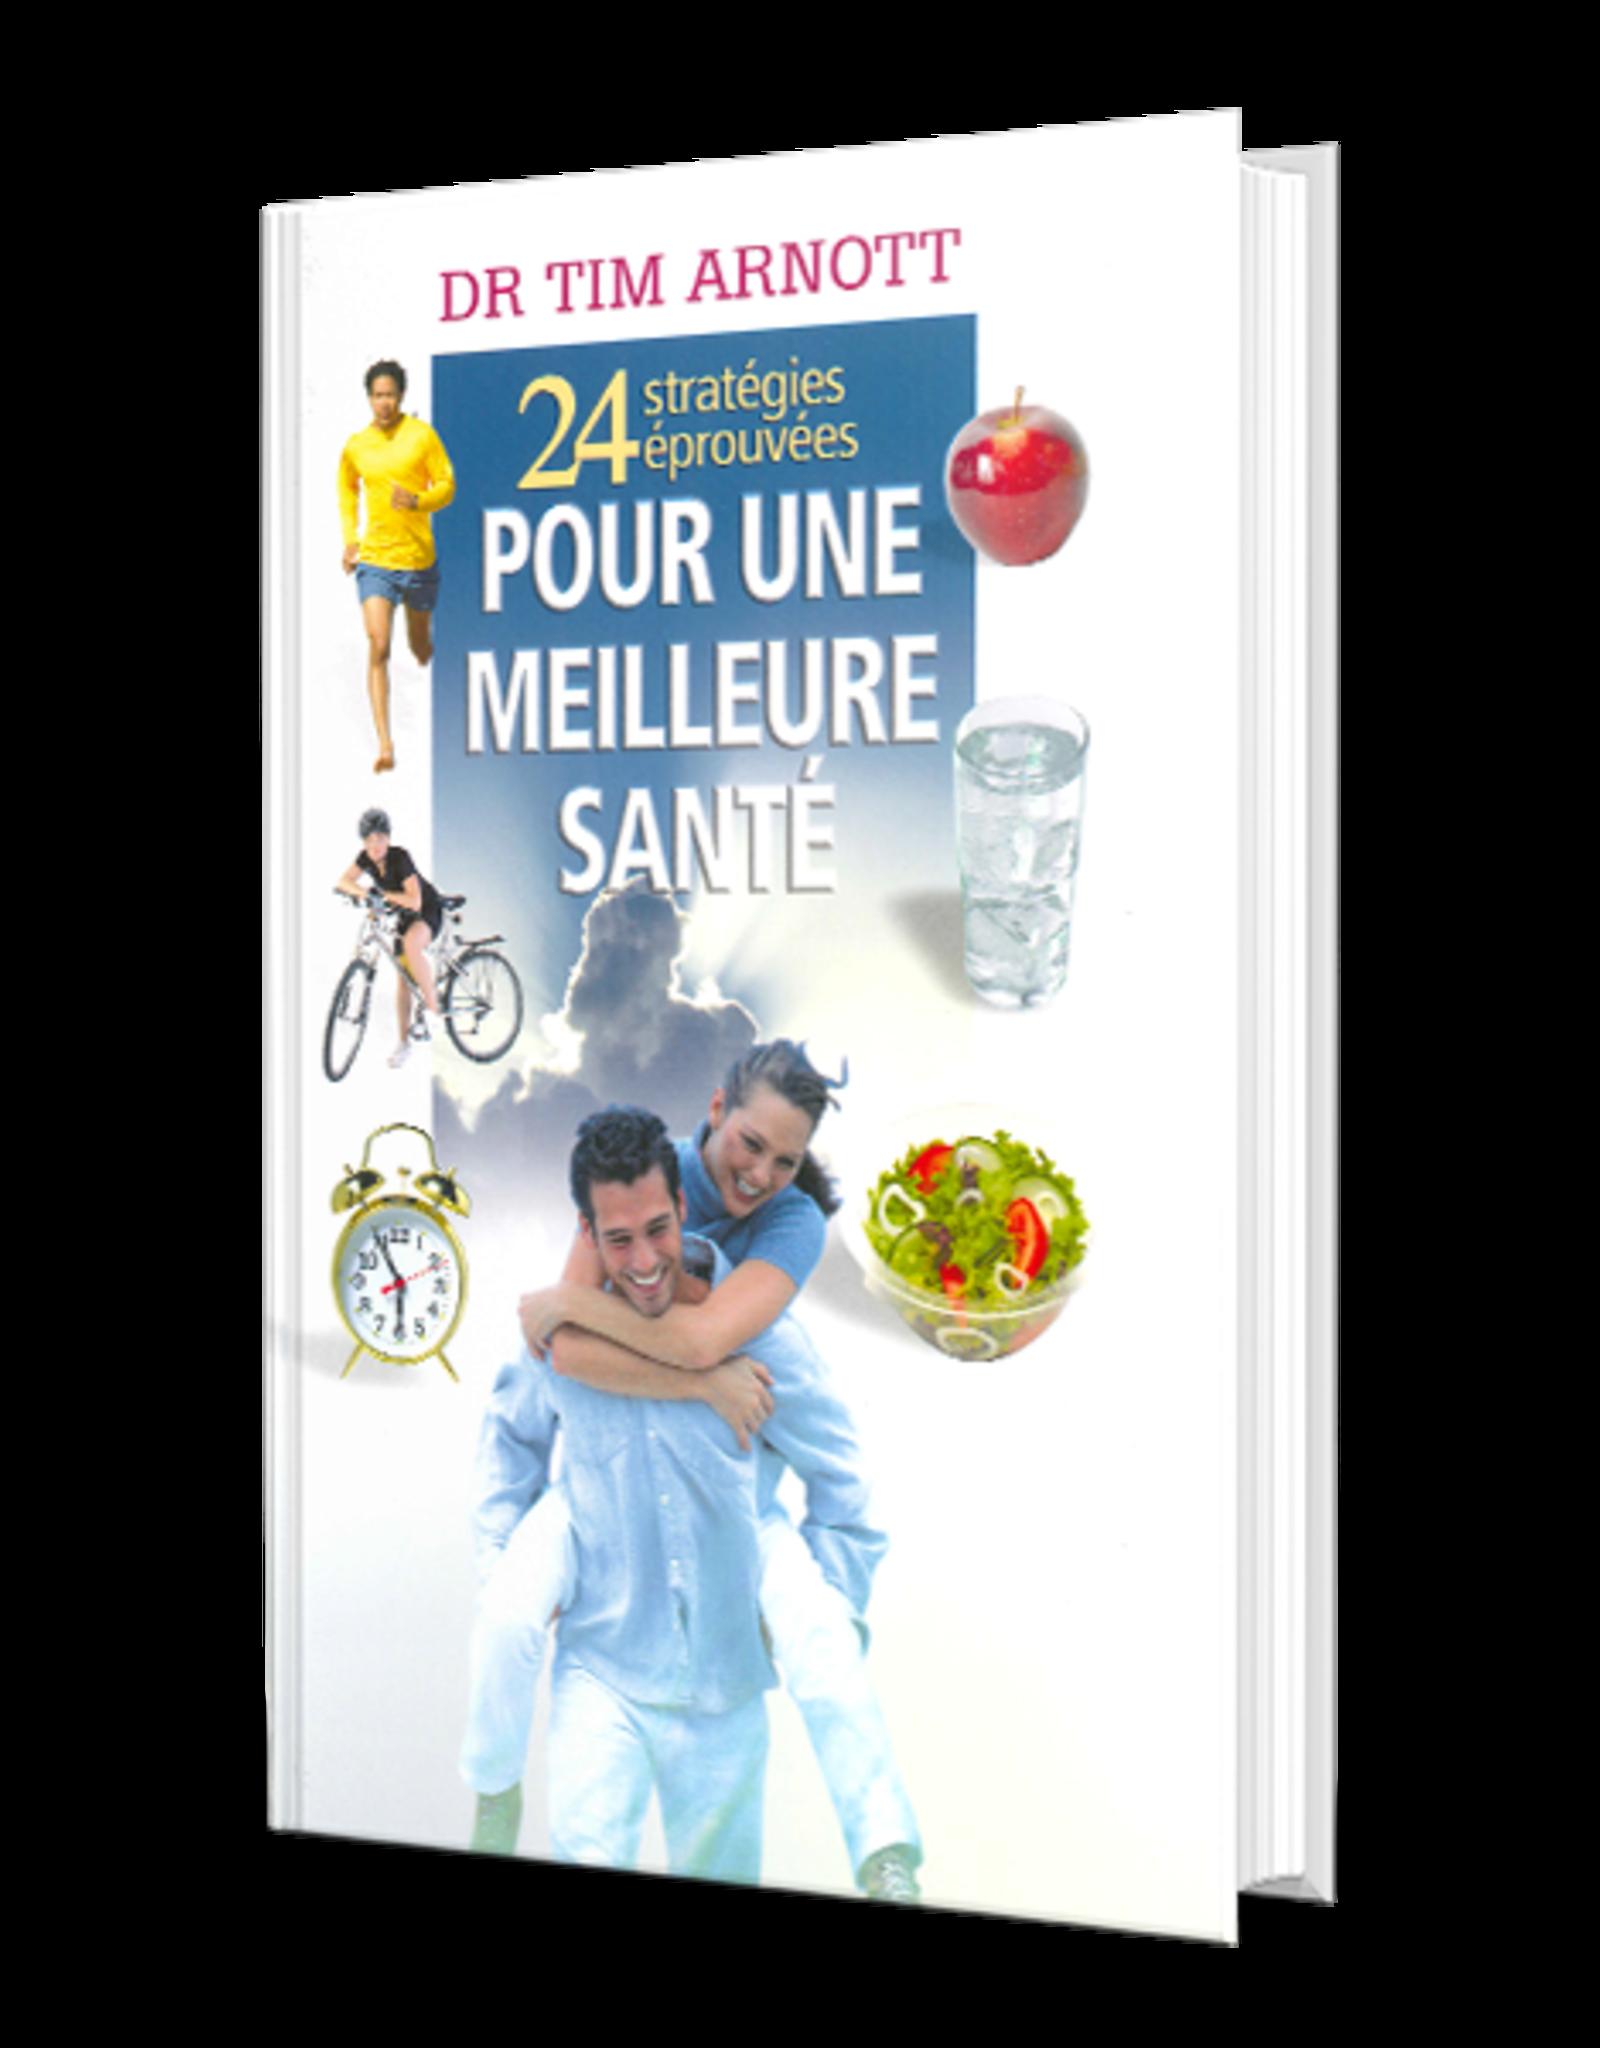 Dr. Tim Arnott 24 Stratégies éprouvée pour une meilleure santé